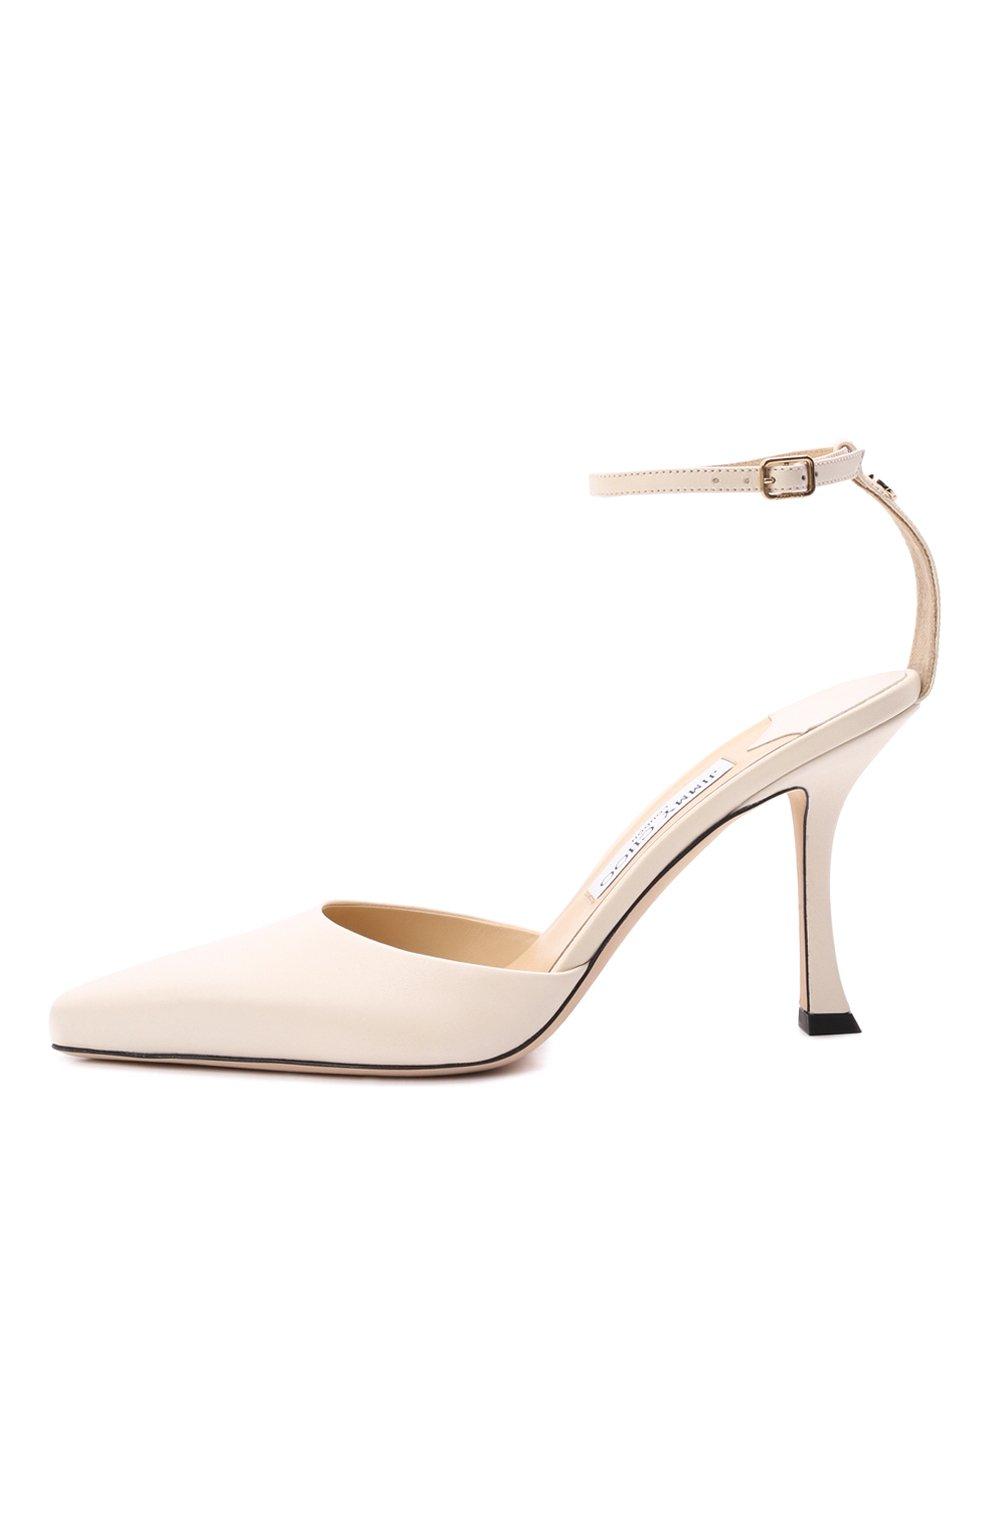 Женские кожаные туфли mair 90 JIMMY CHOO кремвого цвета, арт. MAIR 90/NAP   Фото 3 (Каблук высота: Высокий; Материал внутренний: Натуральная кожа; Каблук тип: Шпилька; Подошва: Плоская)